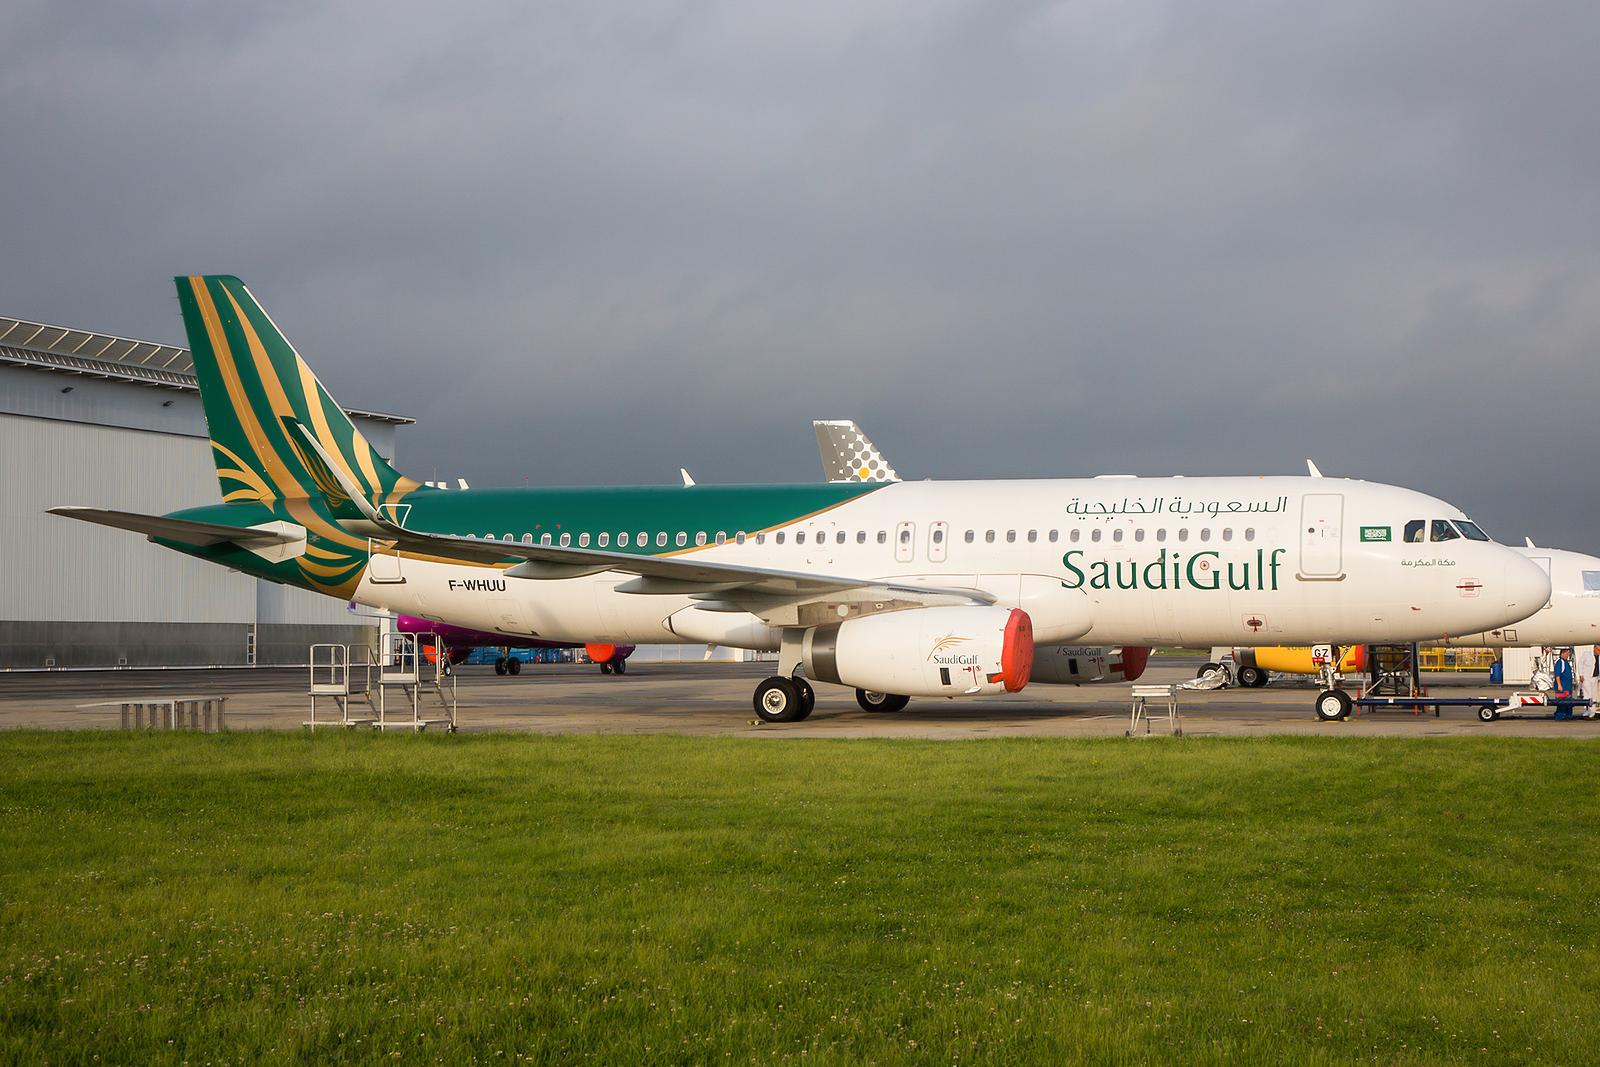 Für mich das Highlight, die F-WHUU für Saudi Gulf. Die Airline bedient nur Inlandsstrecken im Königreich.